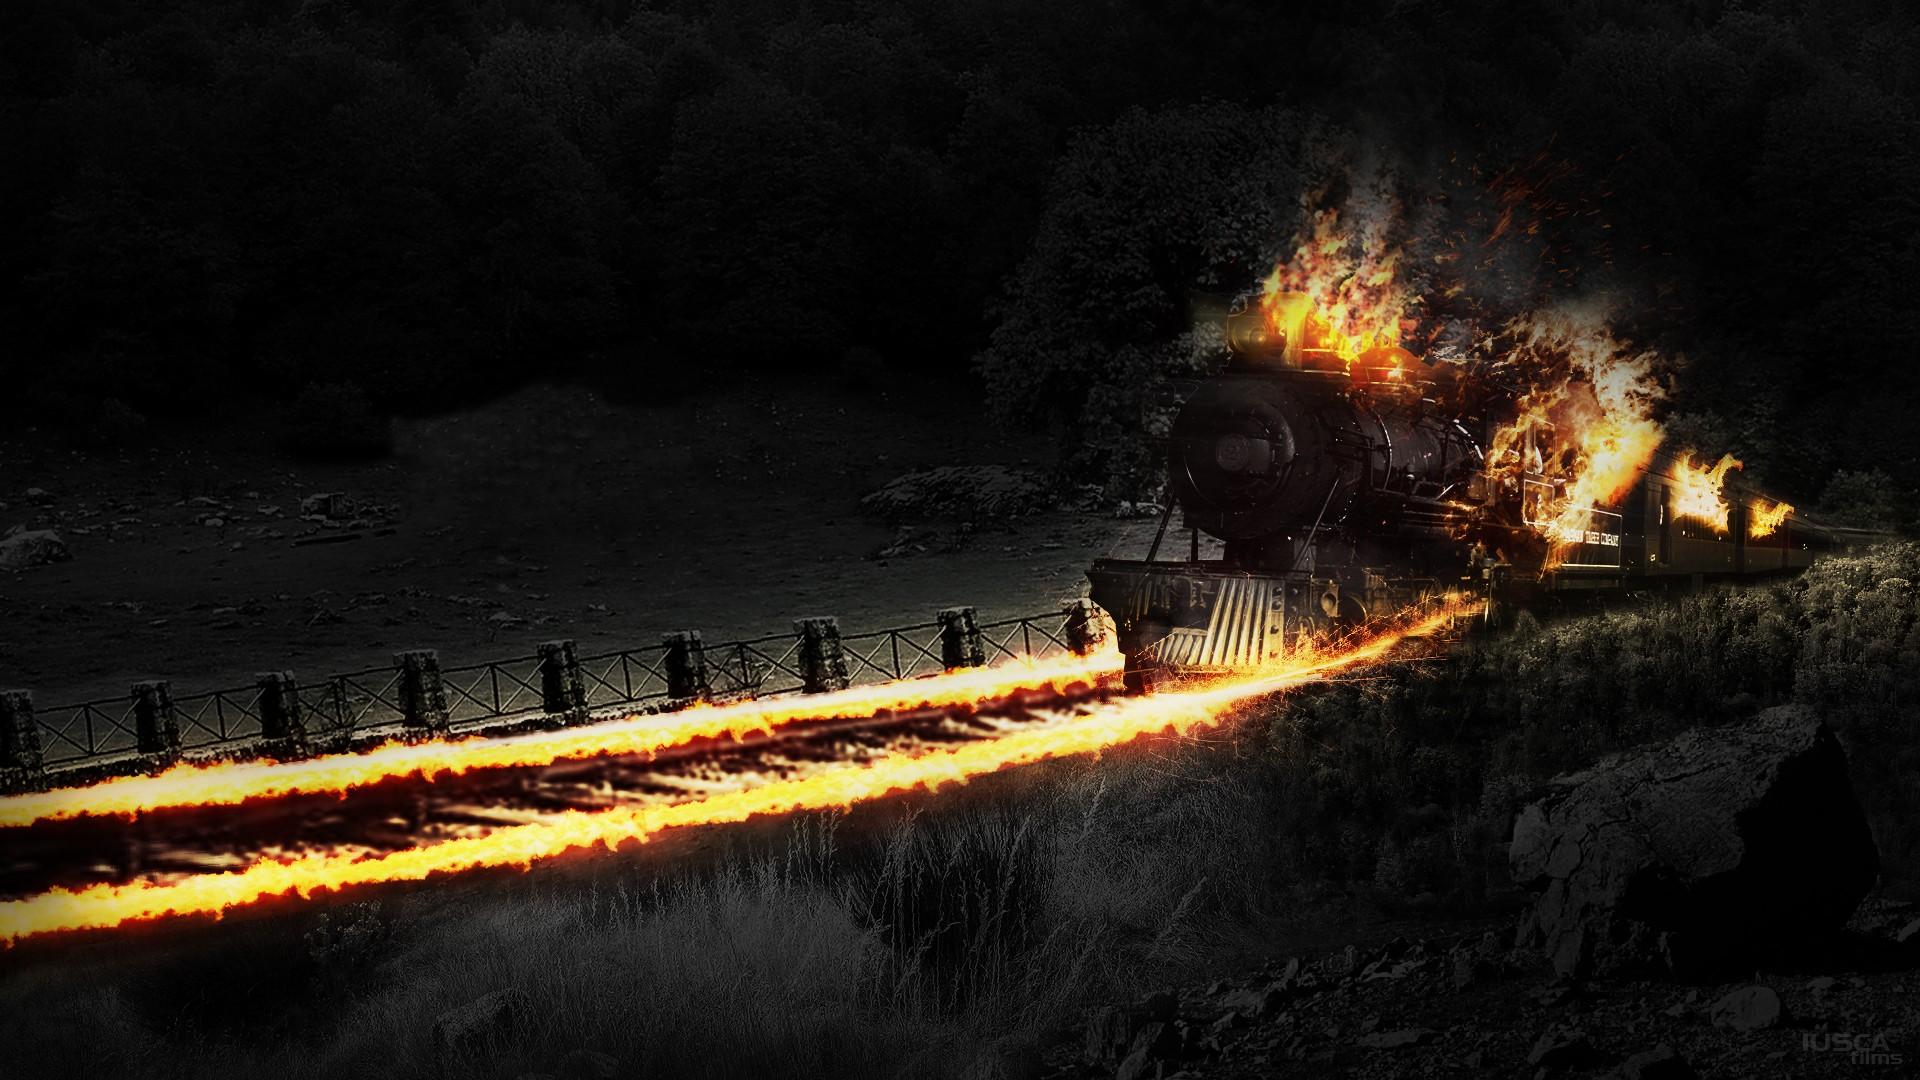 обновленном поезд в огне в картинках плавник